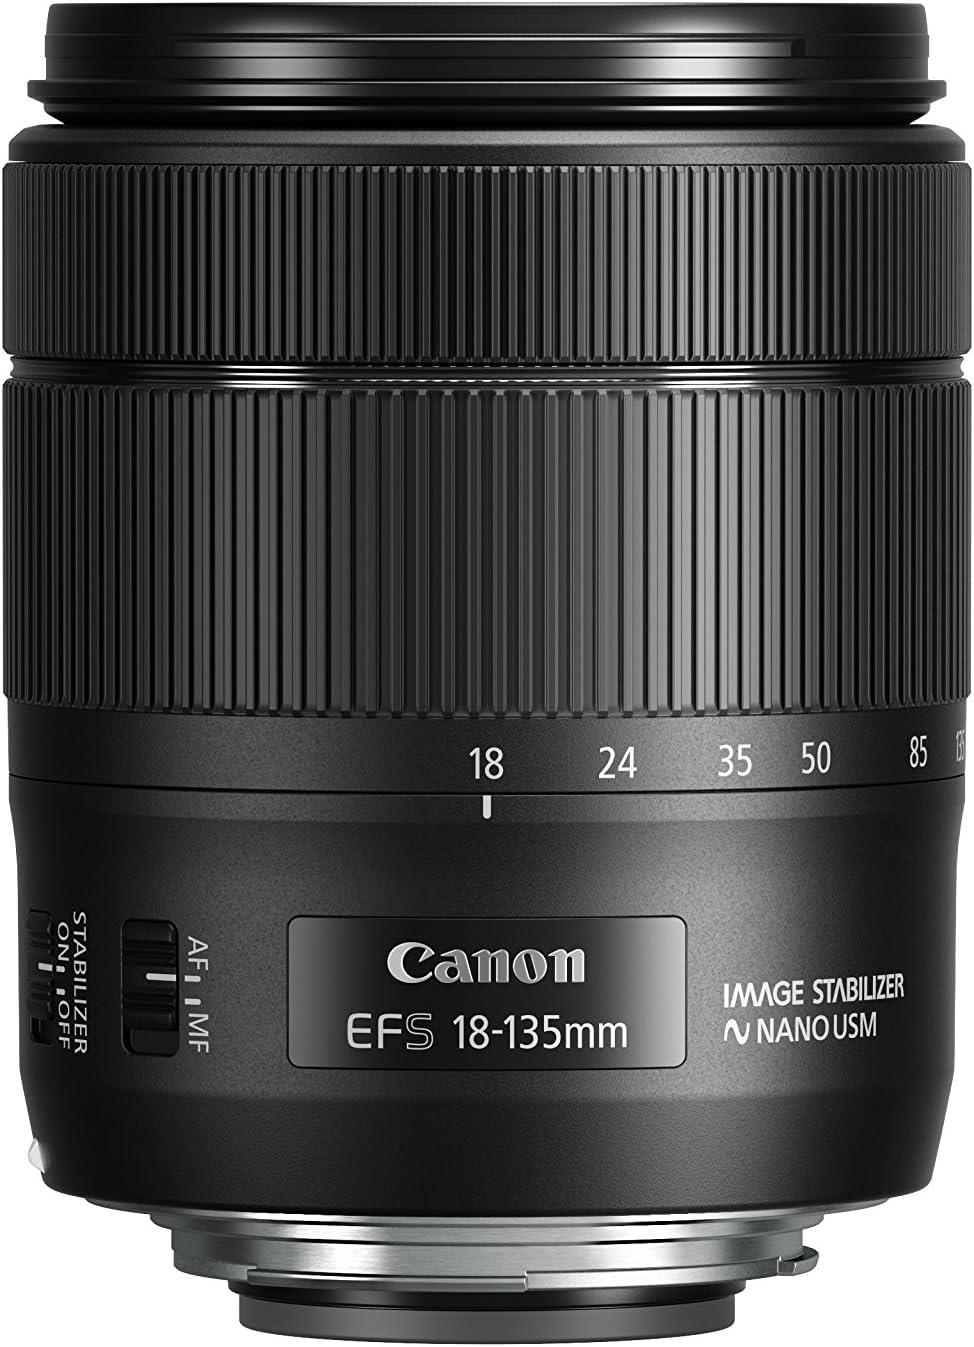 Canon 1276C005 EF-S 18-135mm f/3.5-5.6 IS USM: Amazon.es: Electrónica